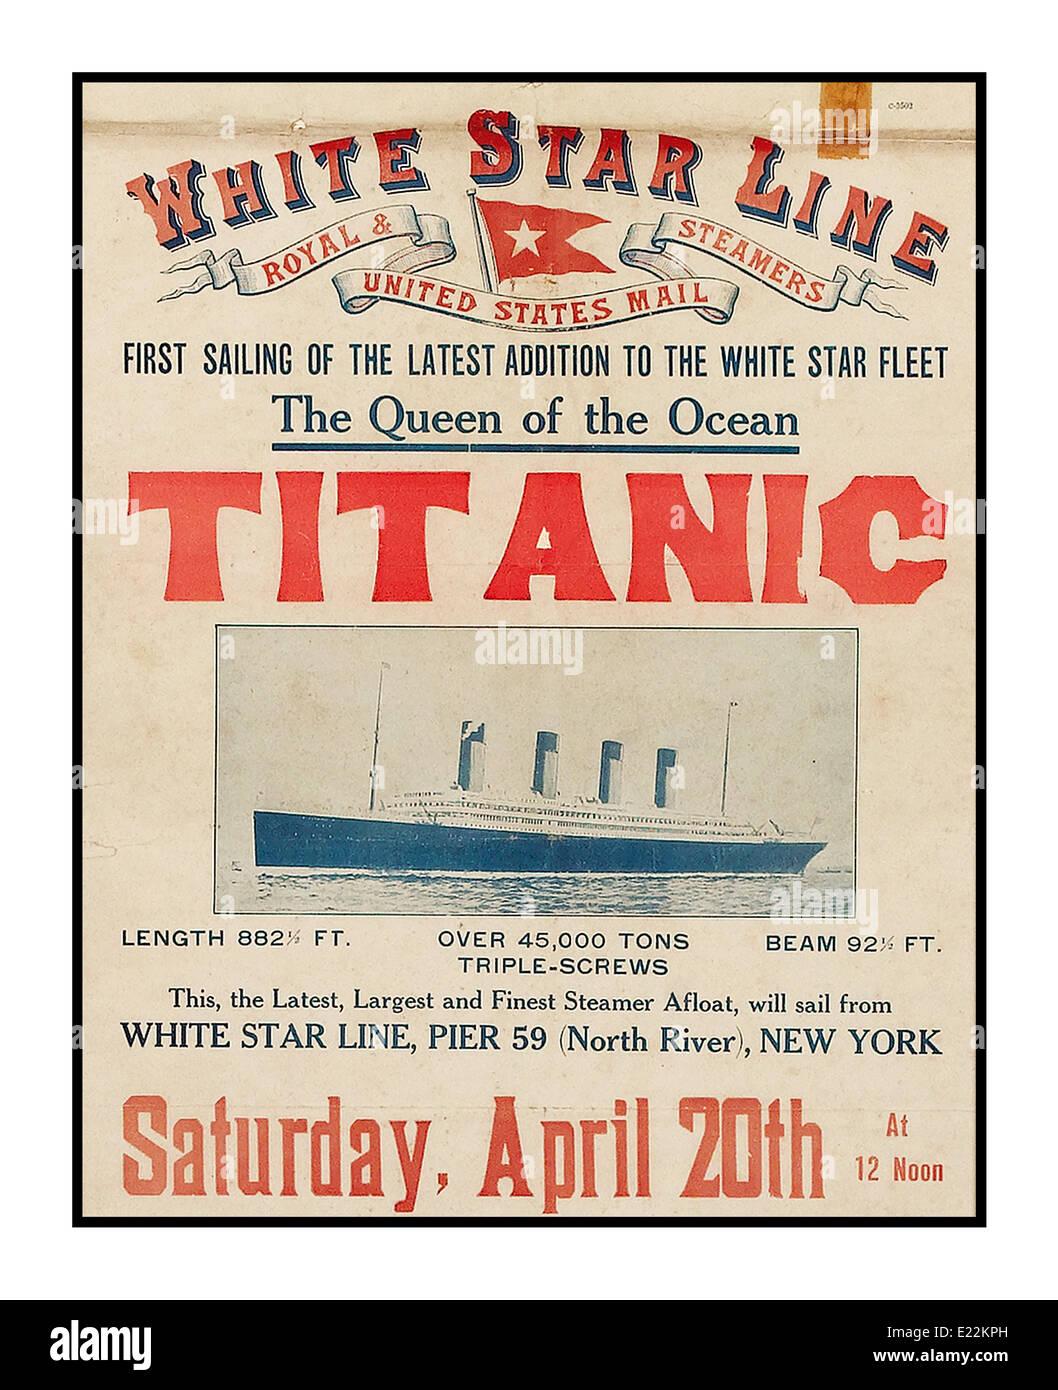 TITANIC-Plakat Werbung für die erste Abfahrt der Titanic aus New York 20. April 1912 Titanic sank auf dem Weg Stockbild